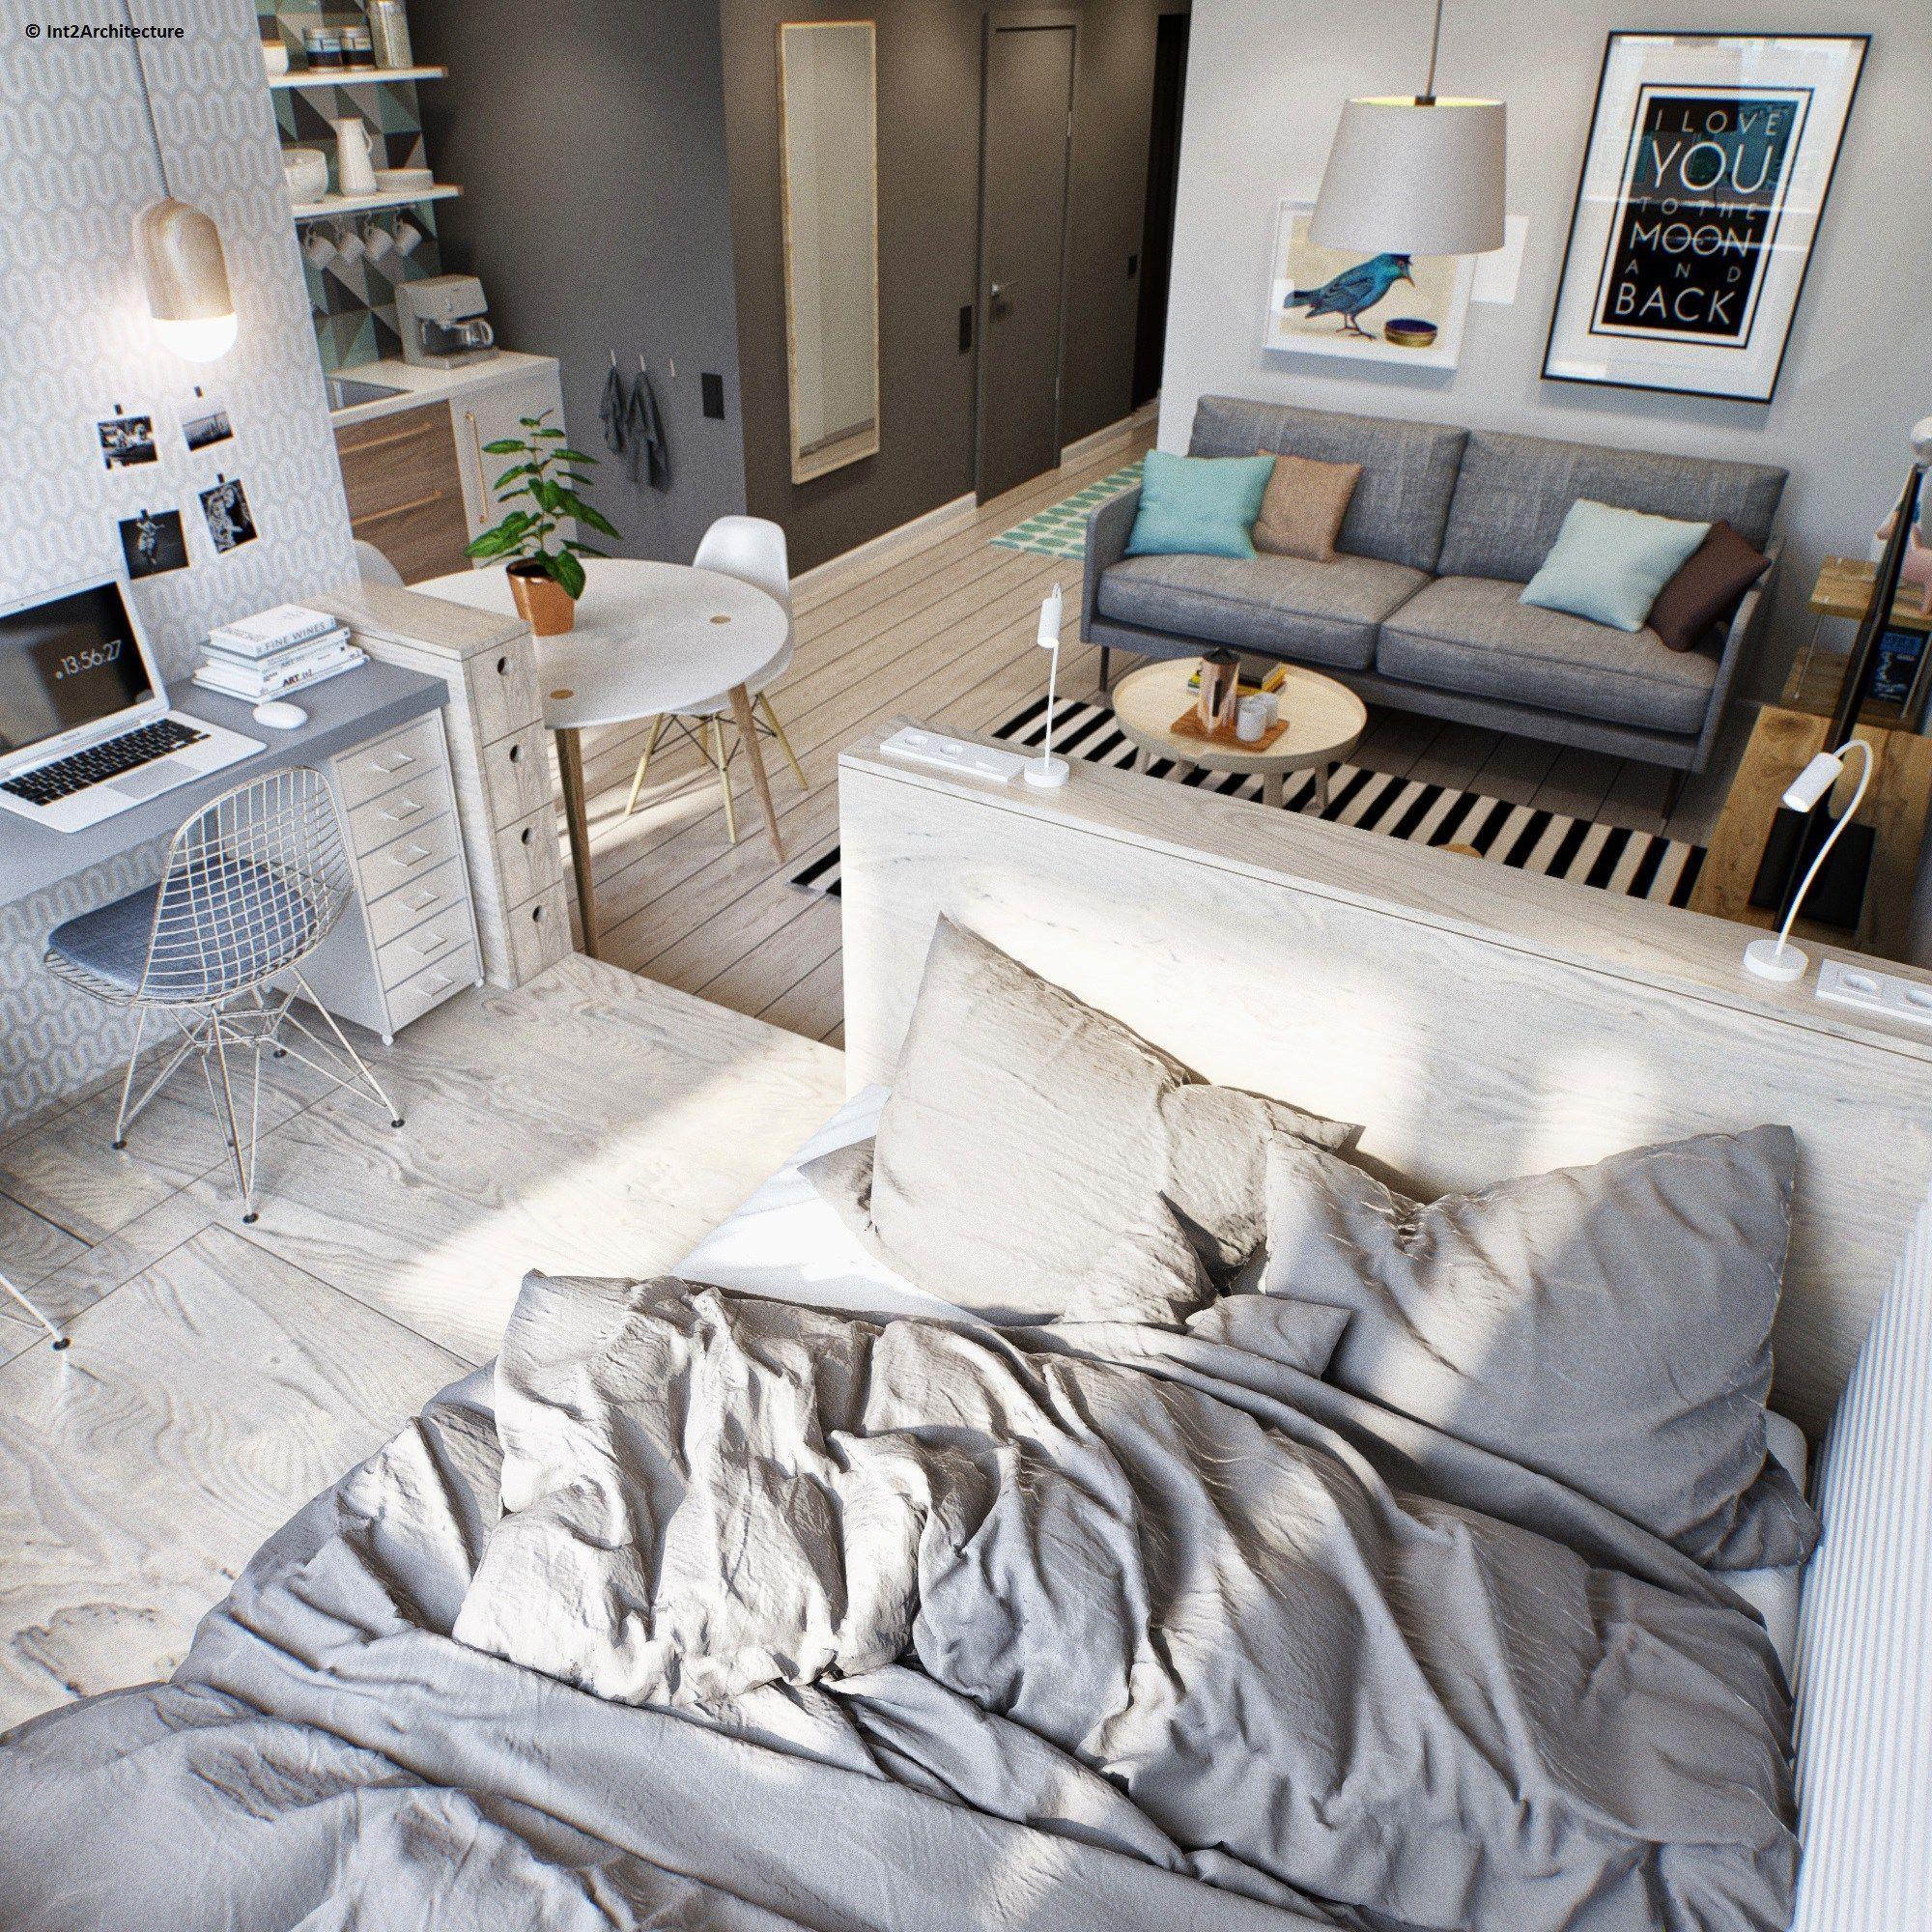 decoracion salon pequeño, salón comedor, dormitorio segunda planta, decoracion en tonos terrestres